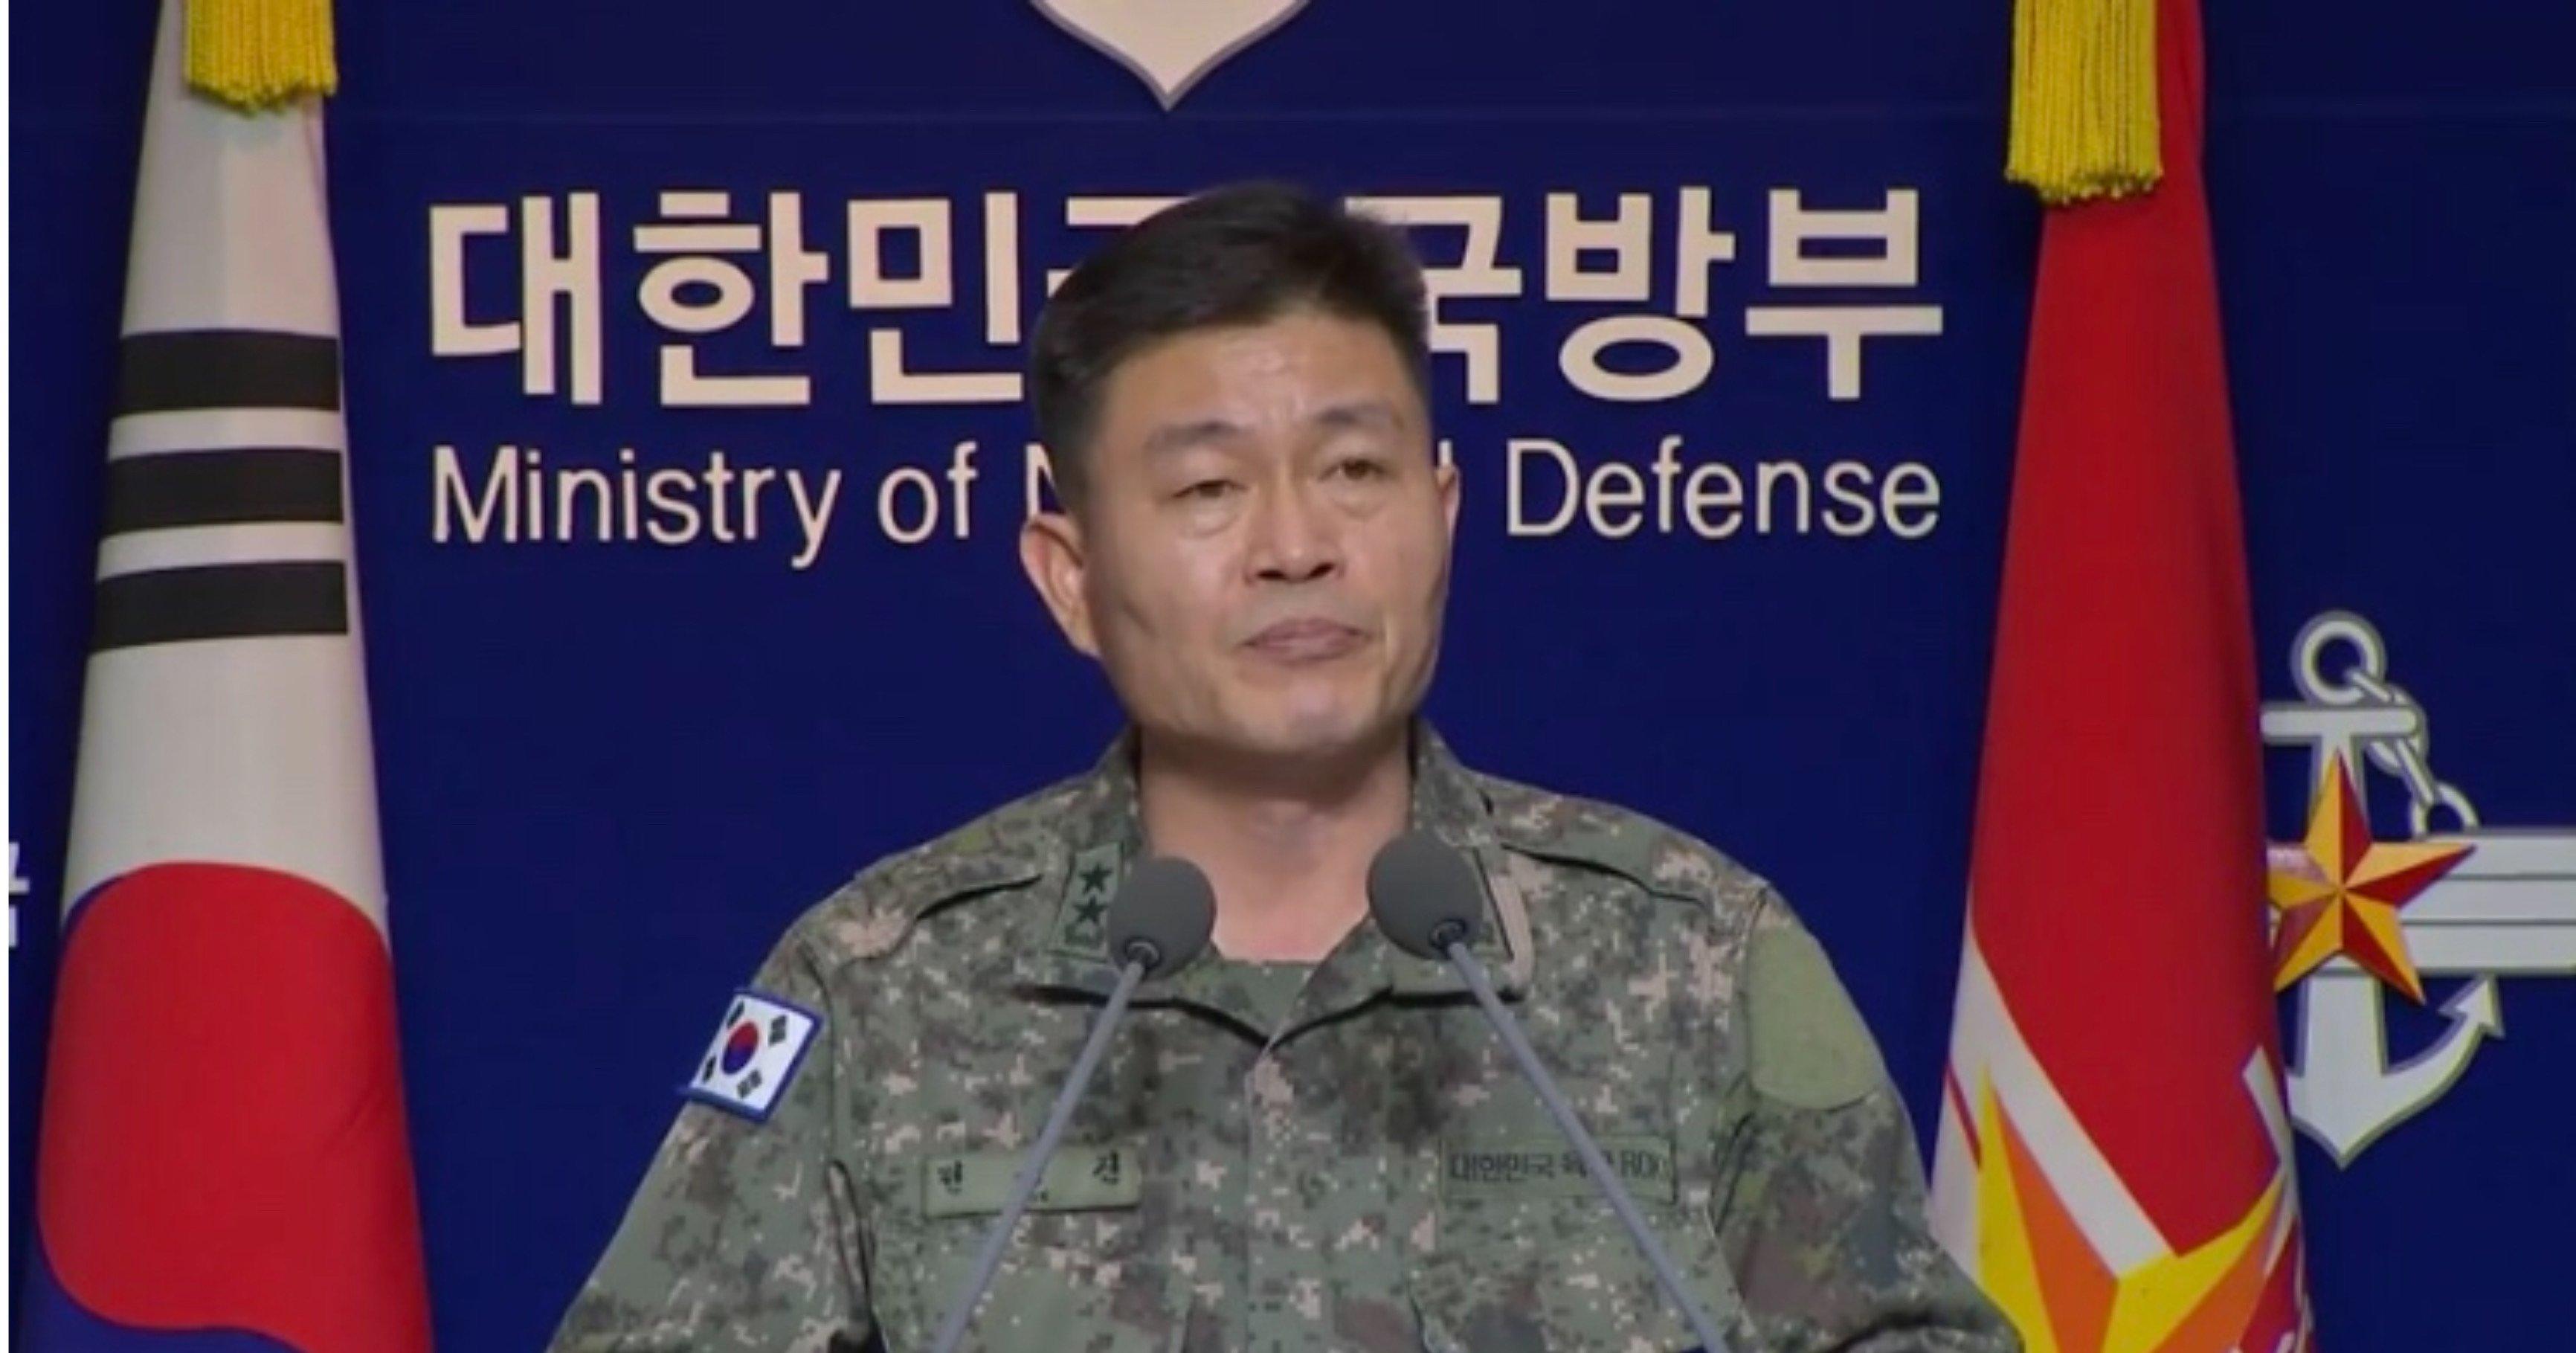 """328be6f8 9533 43f7 b5c4 9342b4d50c92.jpeg?resize=1200,630 - [속보] 합참의 강력 경고 """"북한, 군사 행동하면 반드시 대가를 치르게 될 것"""""""